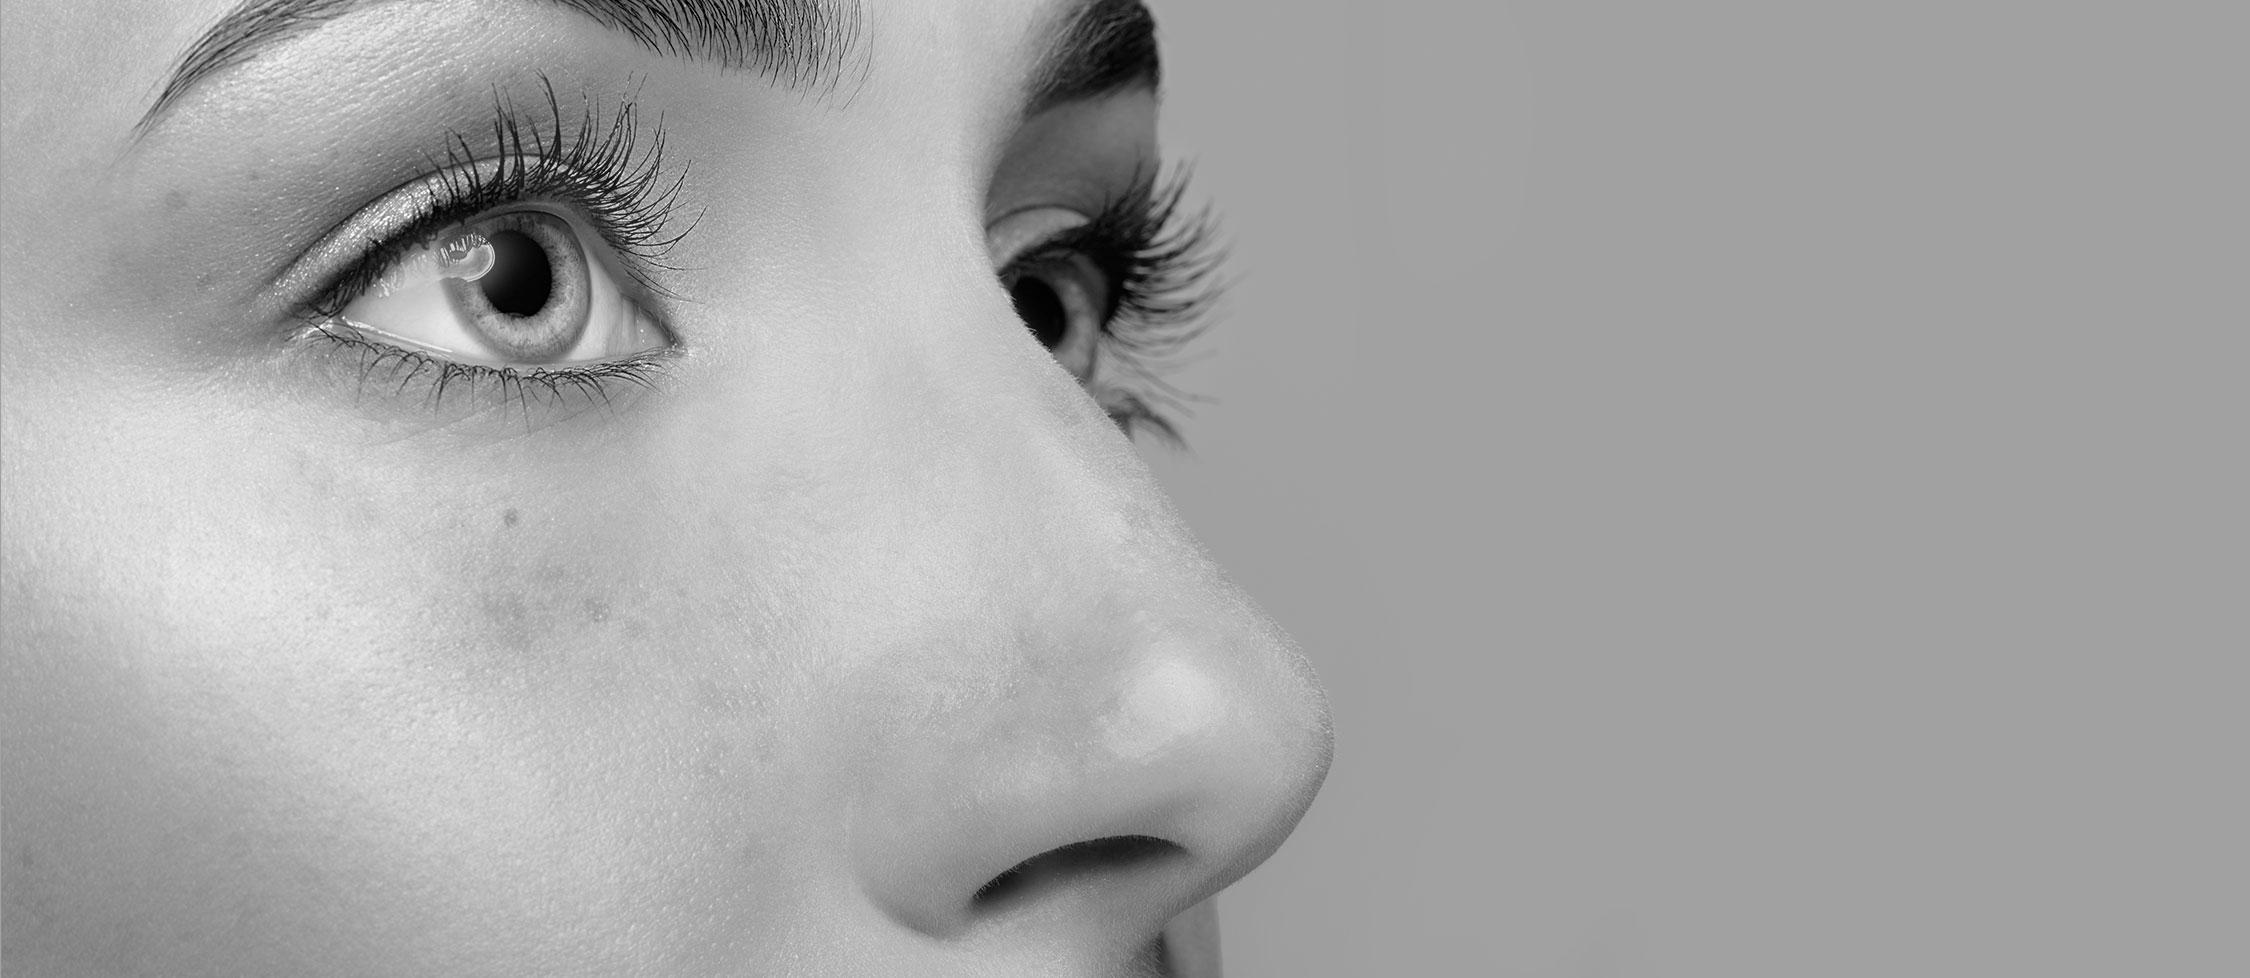 Traitement d'ailes du nez à Lyon - chirurgie du nez et visage | Dr Durbec